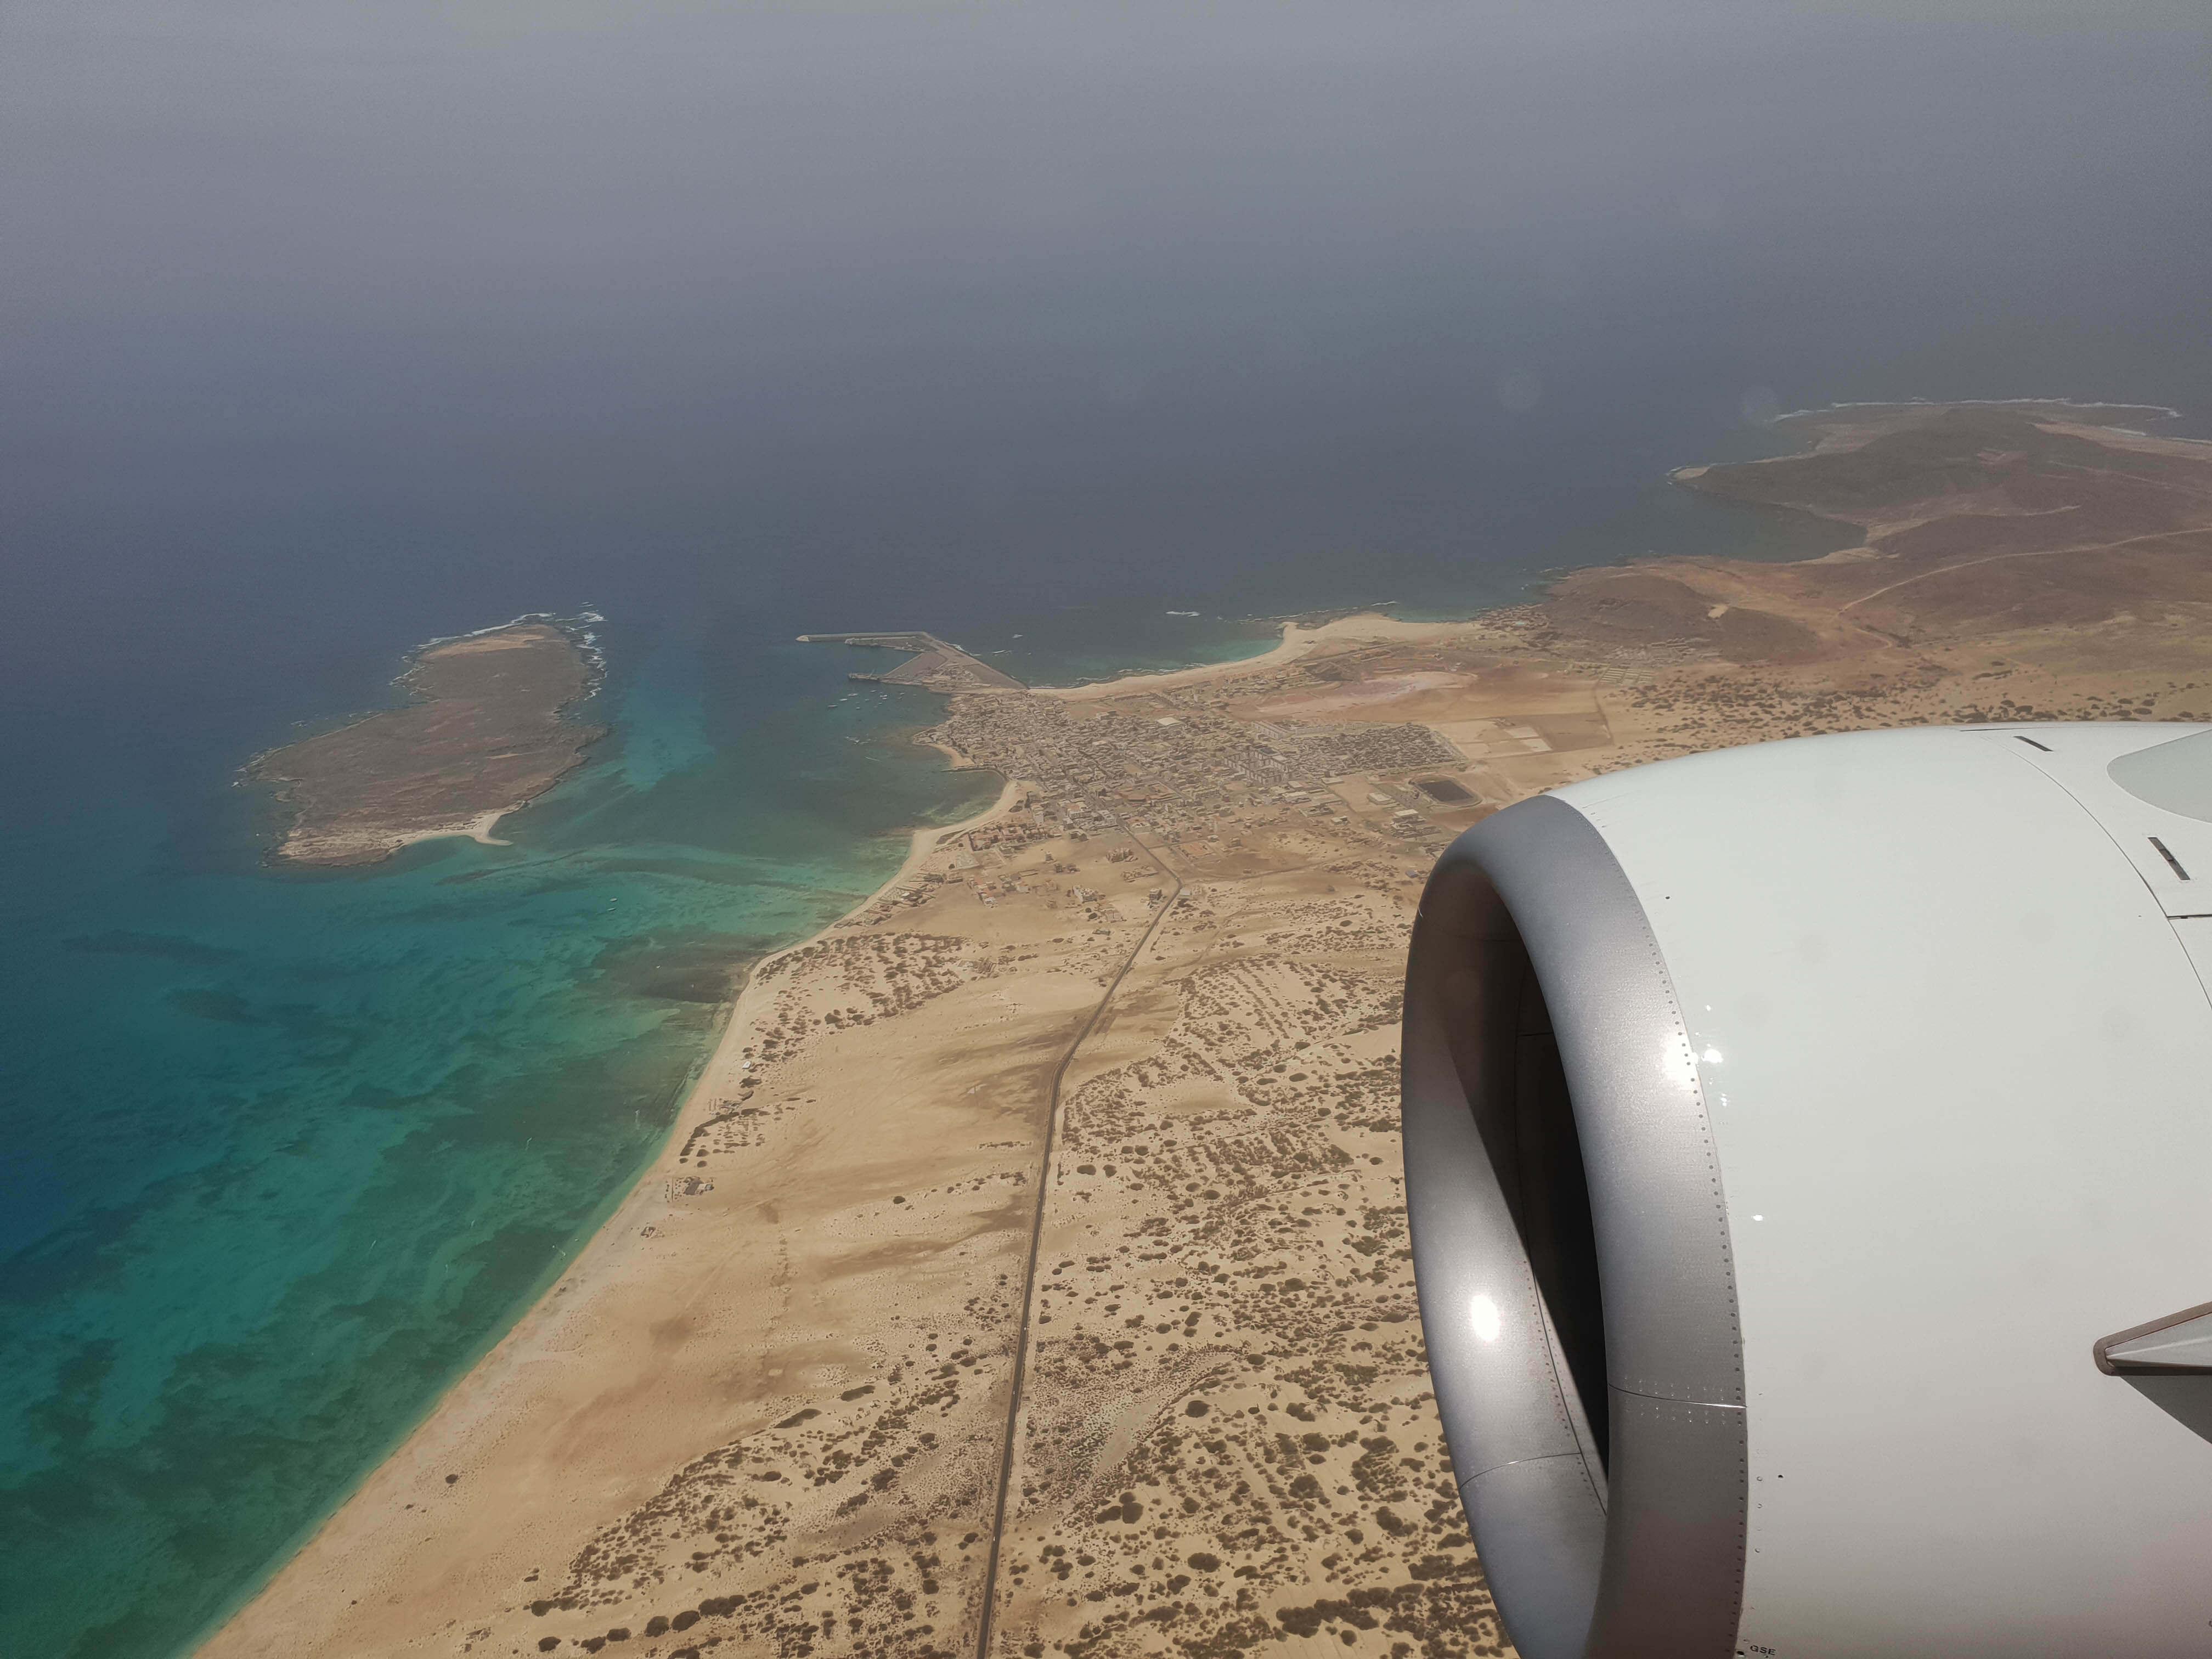 Vakantie naar eiland Sal